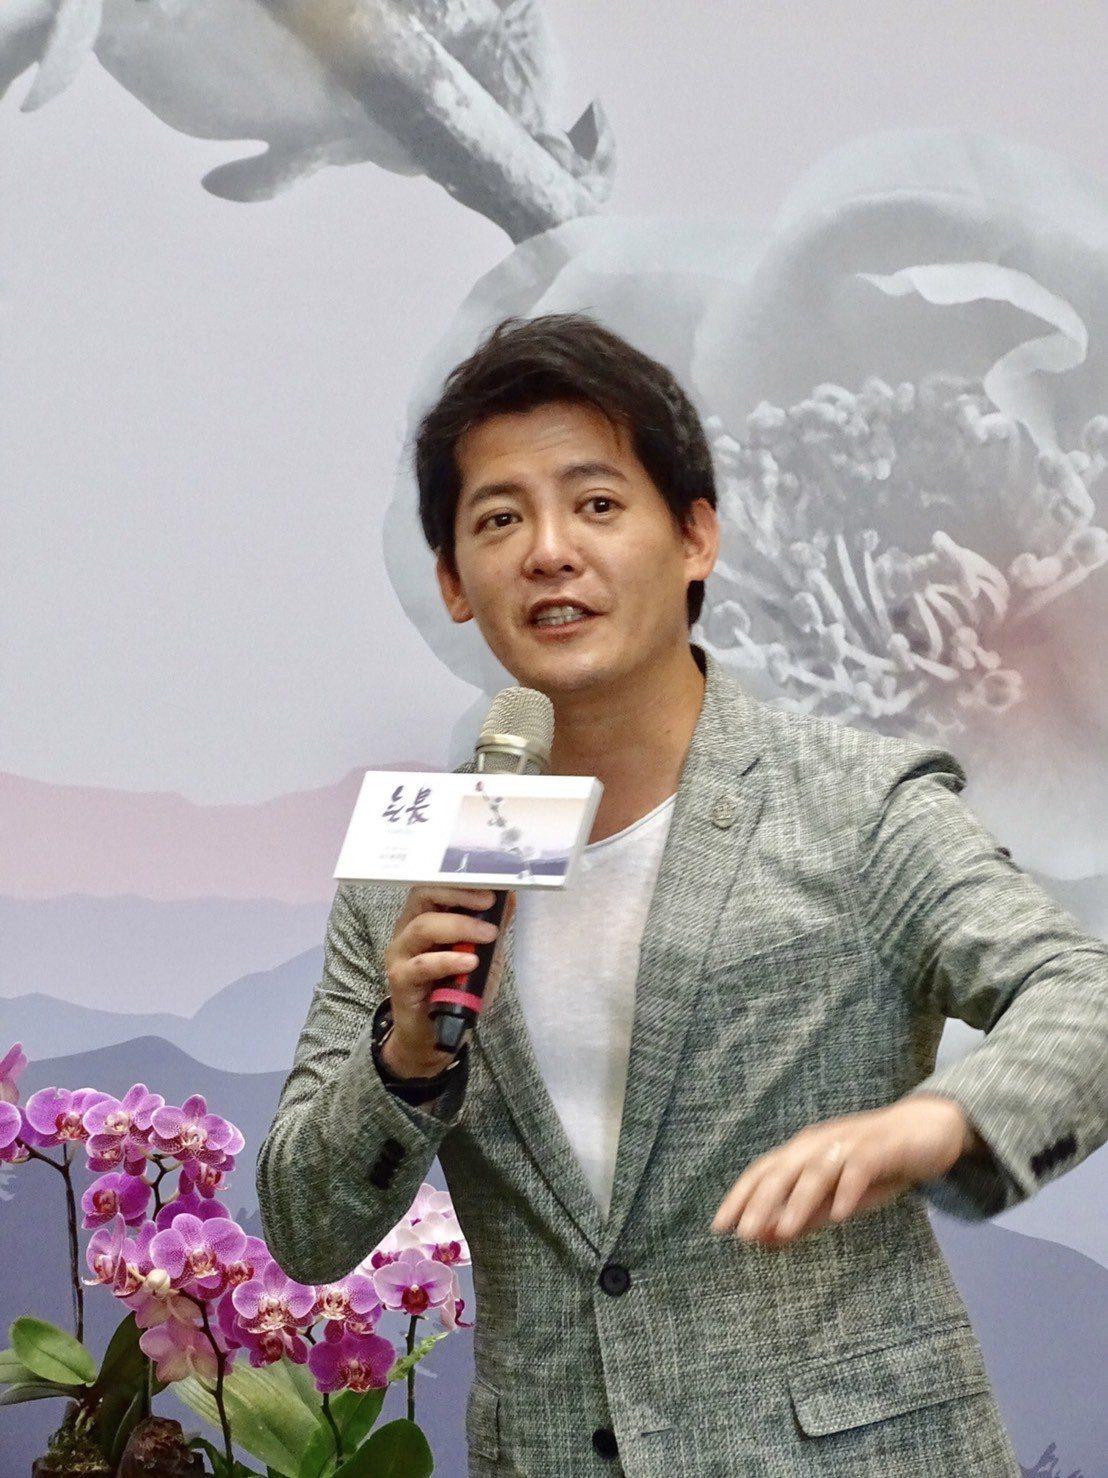 電視節目主持人、旅遊作家、藝術史講師、登山家等多重身分的謝哲青擔任「未來與希望系...